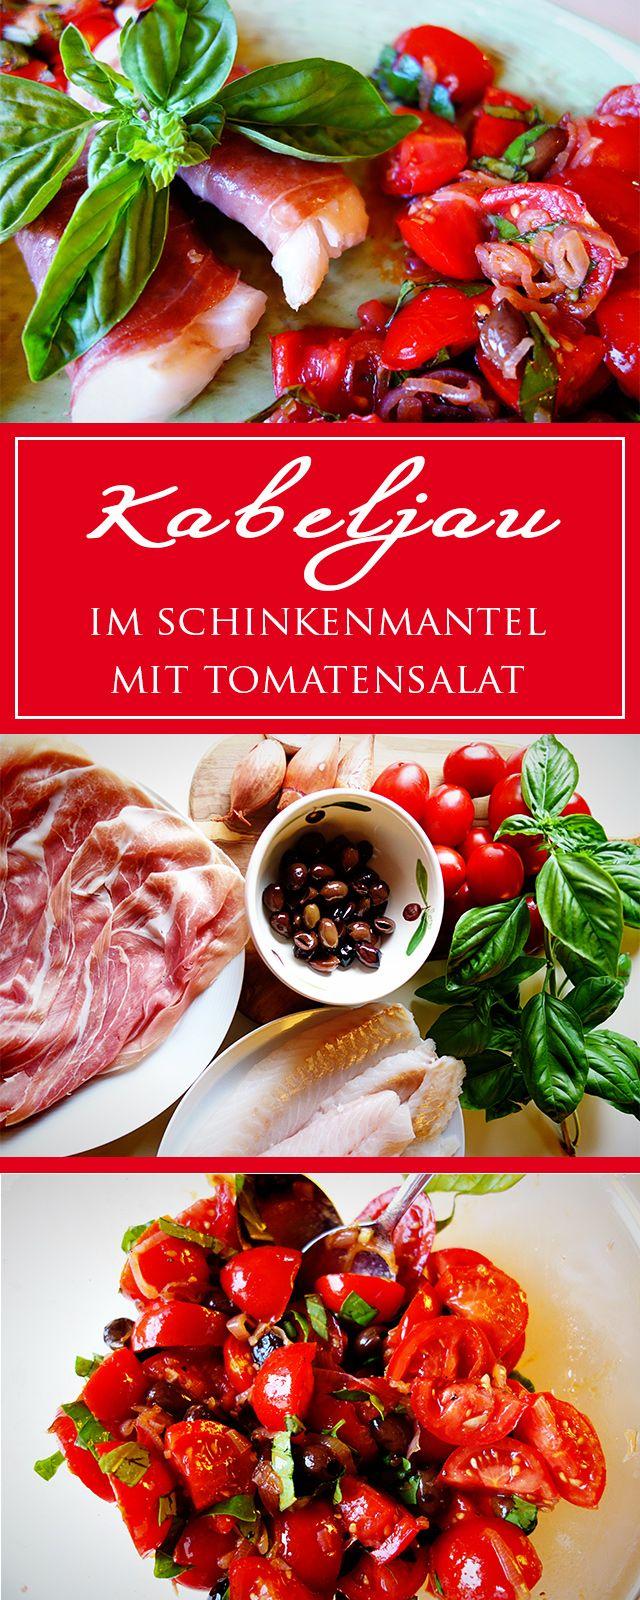 Kabeljau in Parmaschinken mit Tomatensalat - ein leichtes, unglaublich leckeres glutenfreies Rezept! Schnell gemacht & gesund! | cucina-con-amore.de